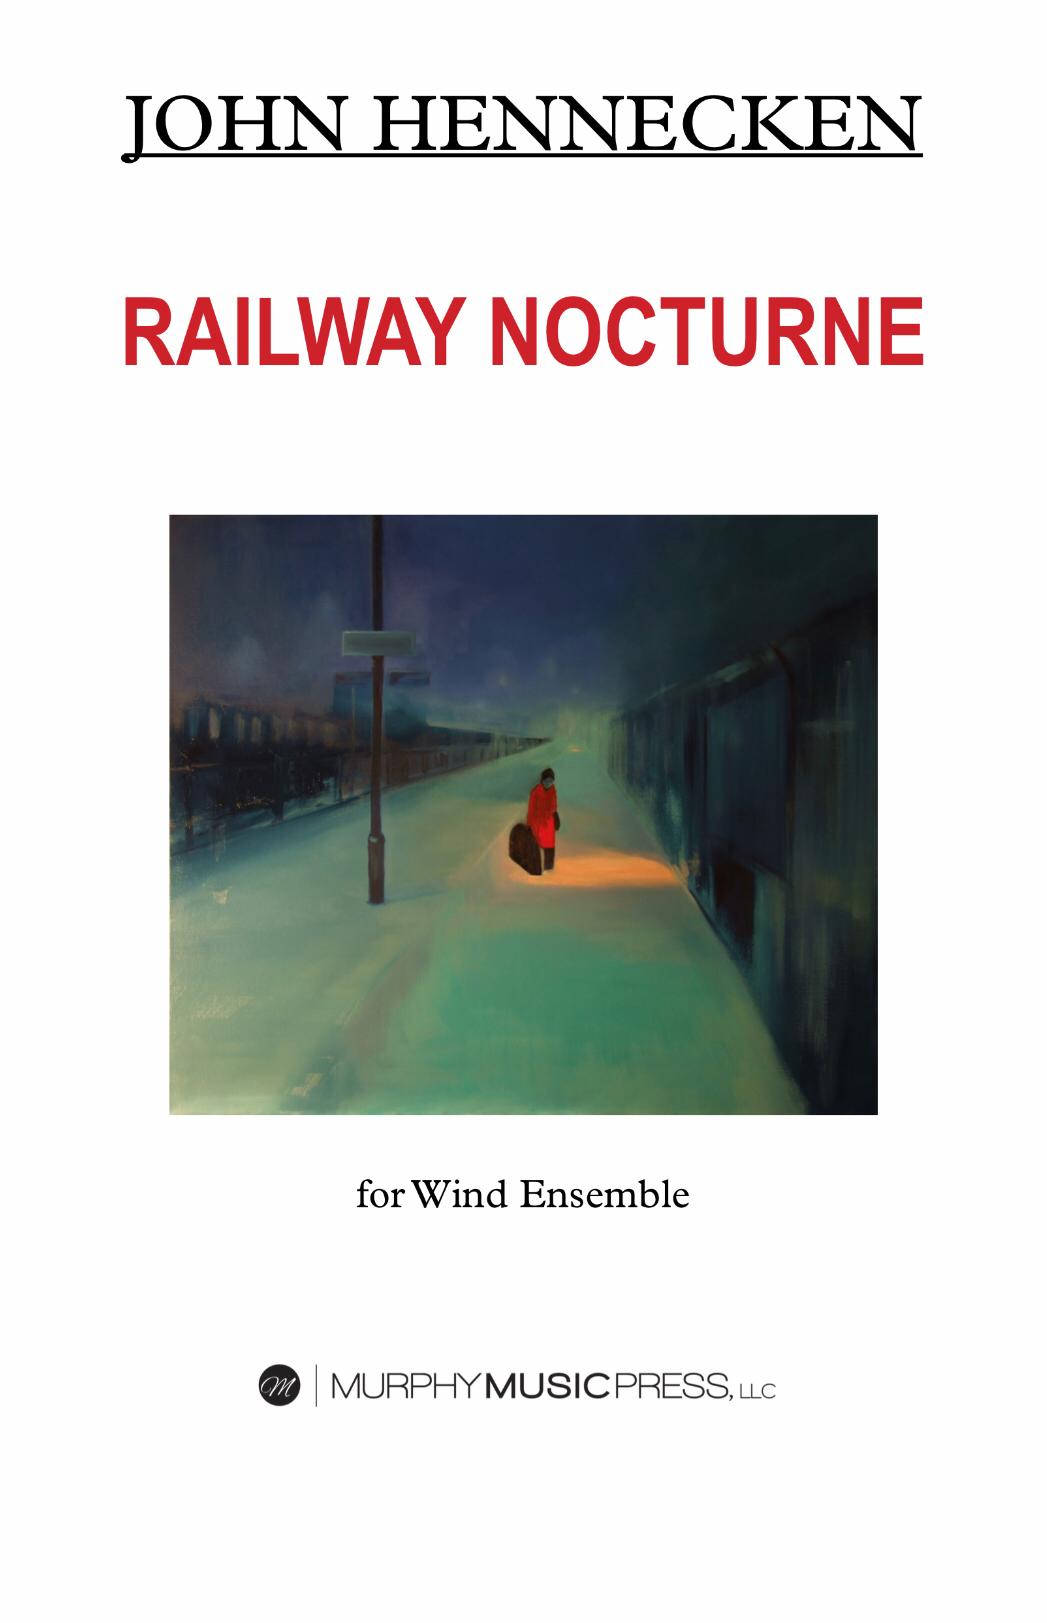 Railway Nocturne by John Hennecken